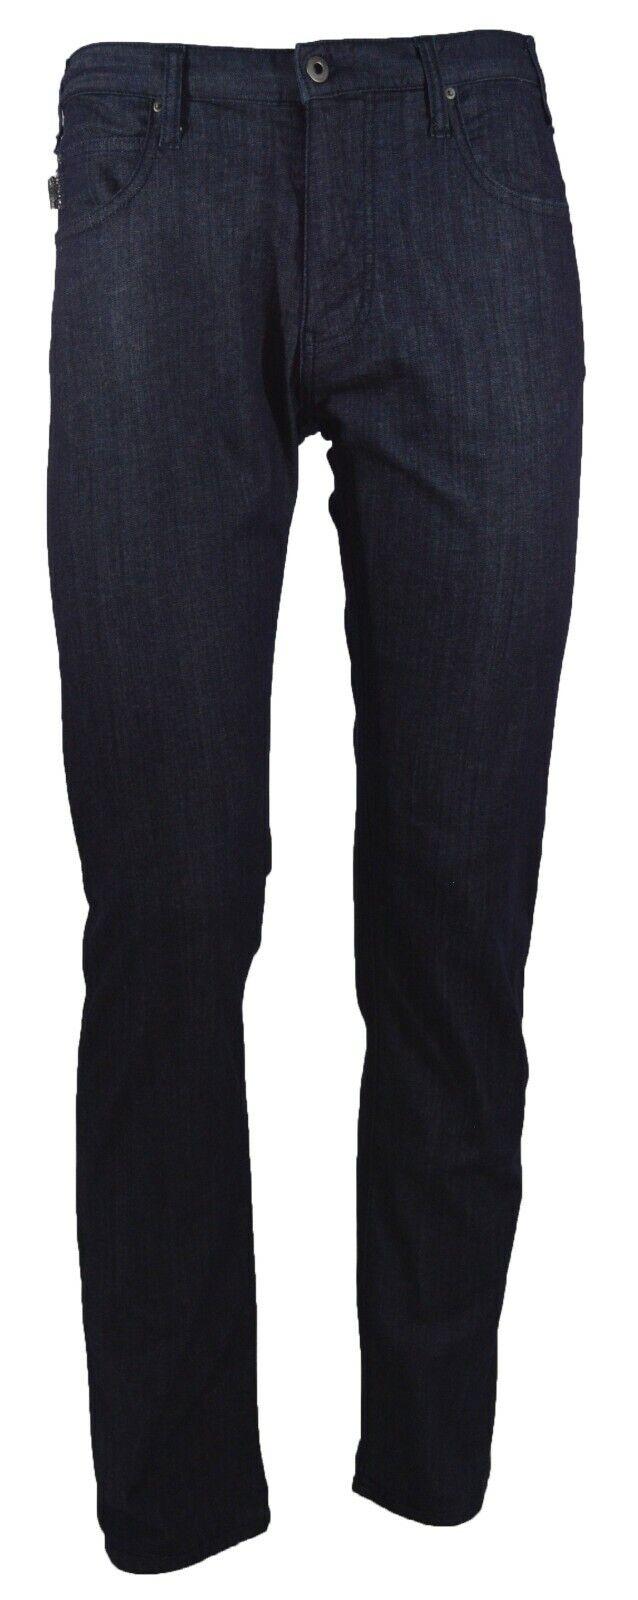 Emporio Armani Men`s Jeans - S3G1J45 1D5PZ - Denim bluee